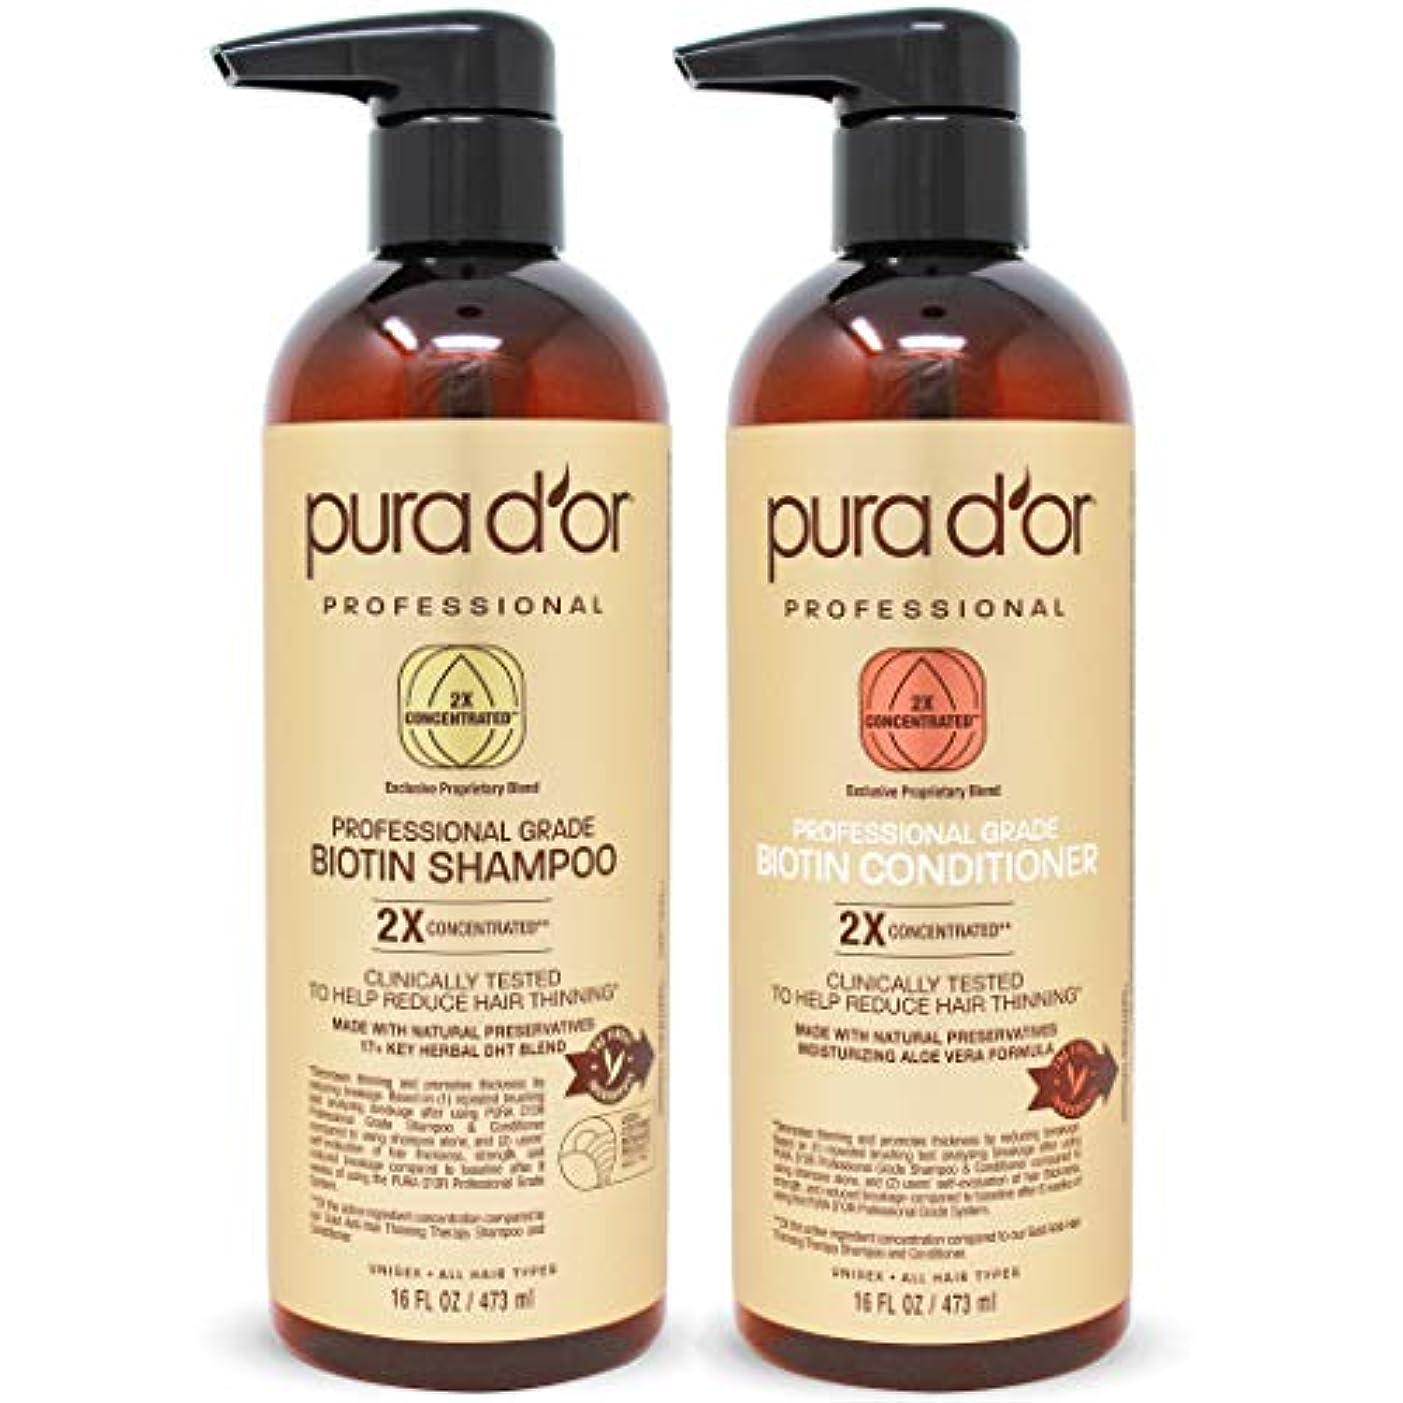 計算するホール承知しましたPURA D'OR プロ仕様 薄毛予防 2倍濃縮成分 シャンプー&コンディショナー、硫酸系化合物不使用、天然原料、臨床検査済み、全ての髪タイプに、男性&女性用(パッケージは異なる場合があります) コンボ(シャンプー&コンディショナー)